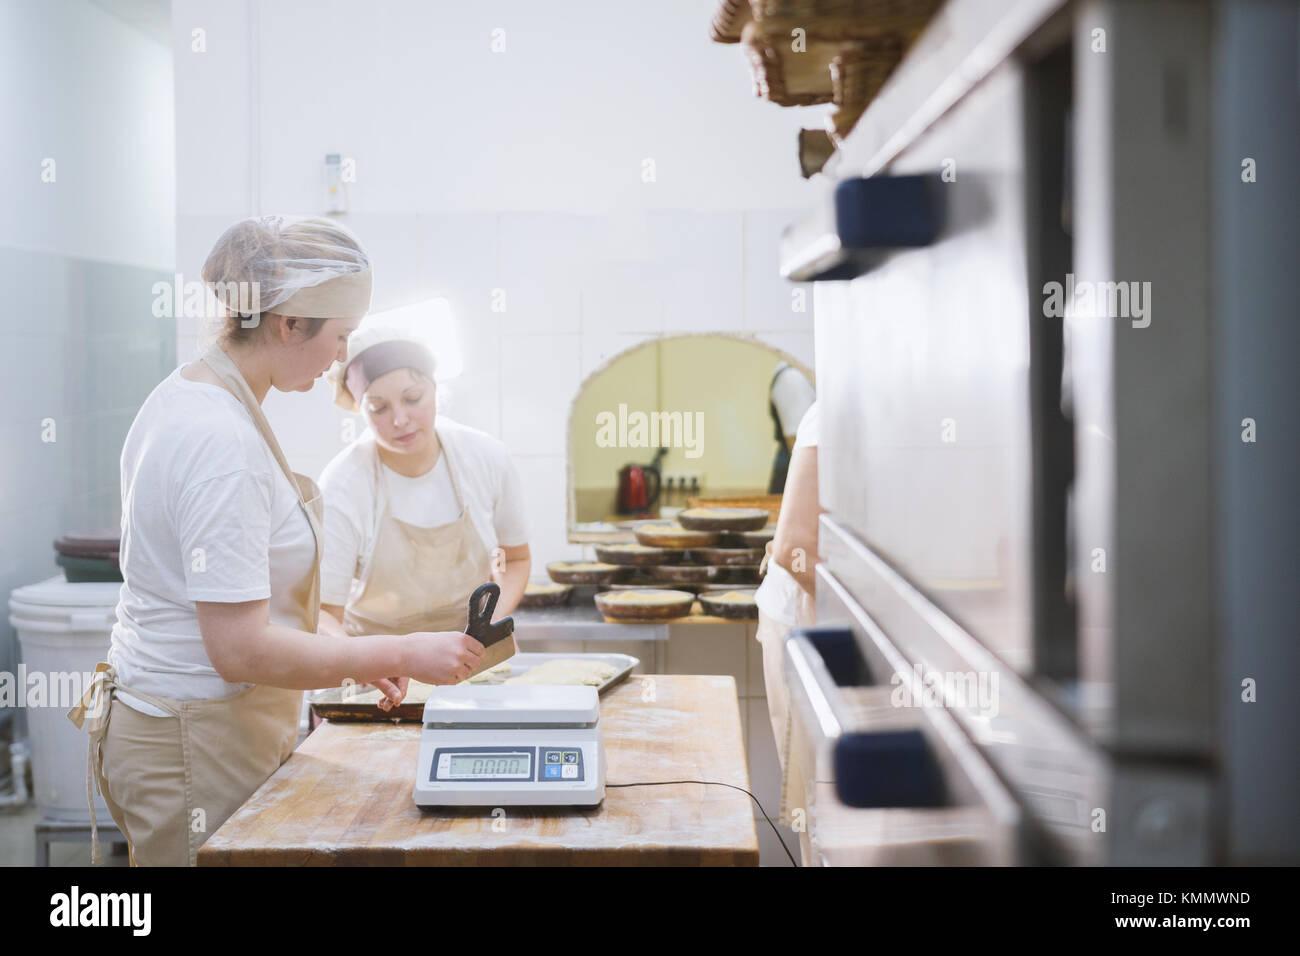 Lächelnd Köche arbeiten in der Bäckerei Stockbild